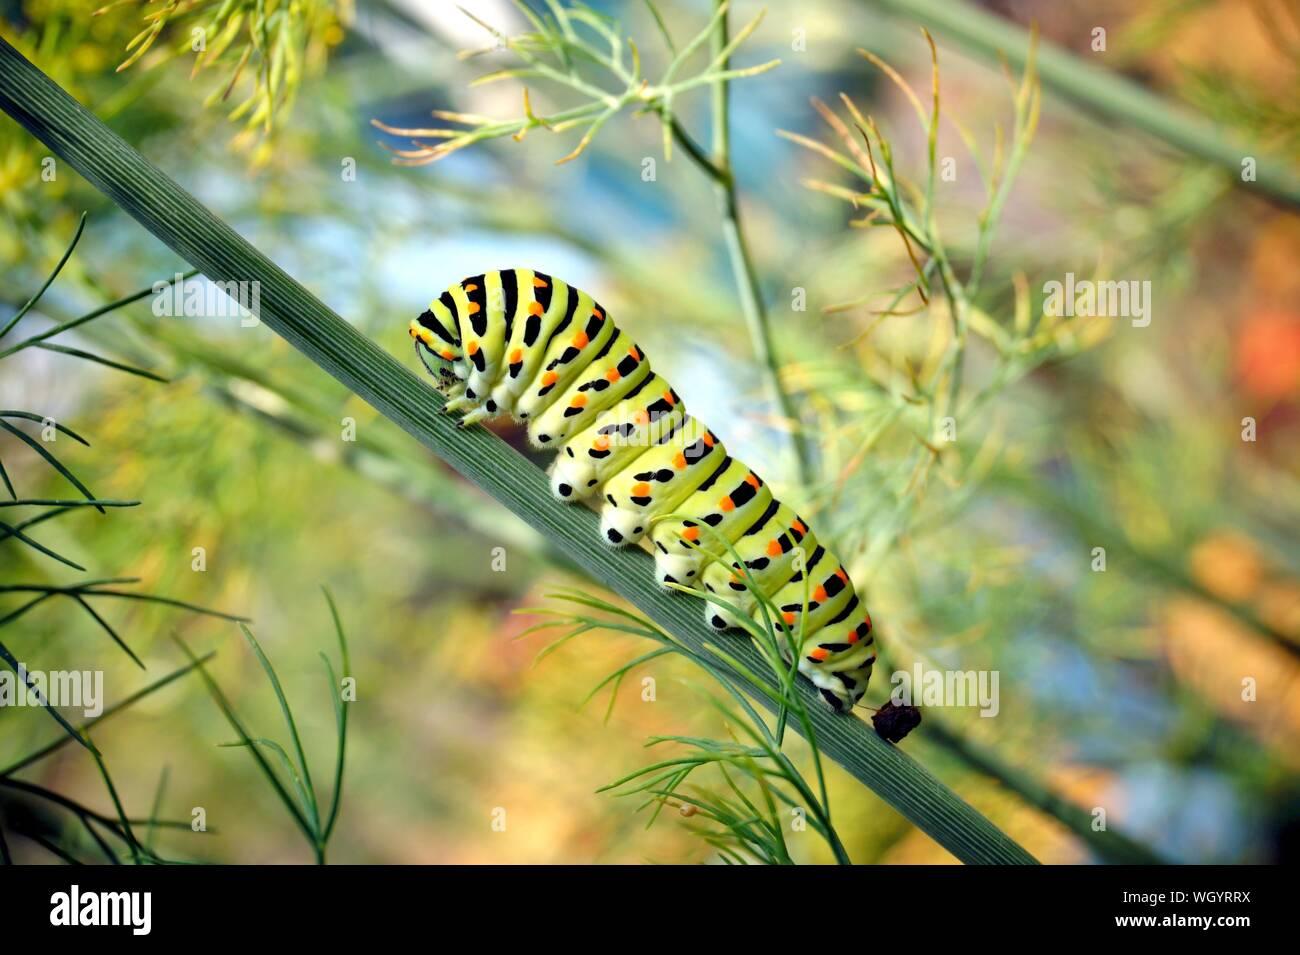 Caterpillar de una especie Papilio machaon en la fresca fragancia verde eneldo Anethum graveolens en el jardín. Planta de jardín. Caterpillar alimentándose de eneldo. Foto de stock